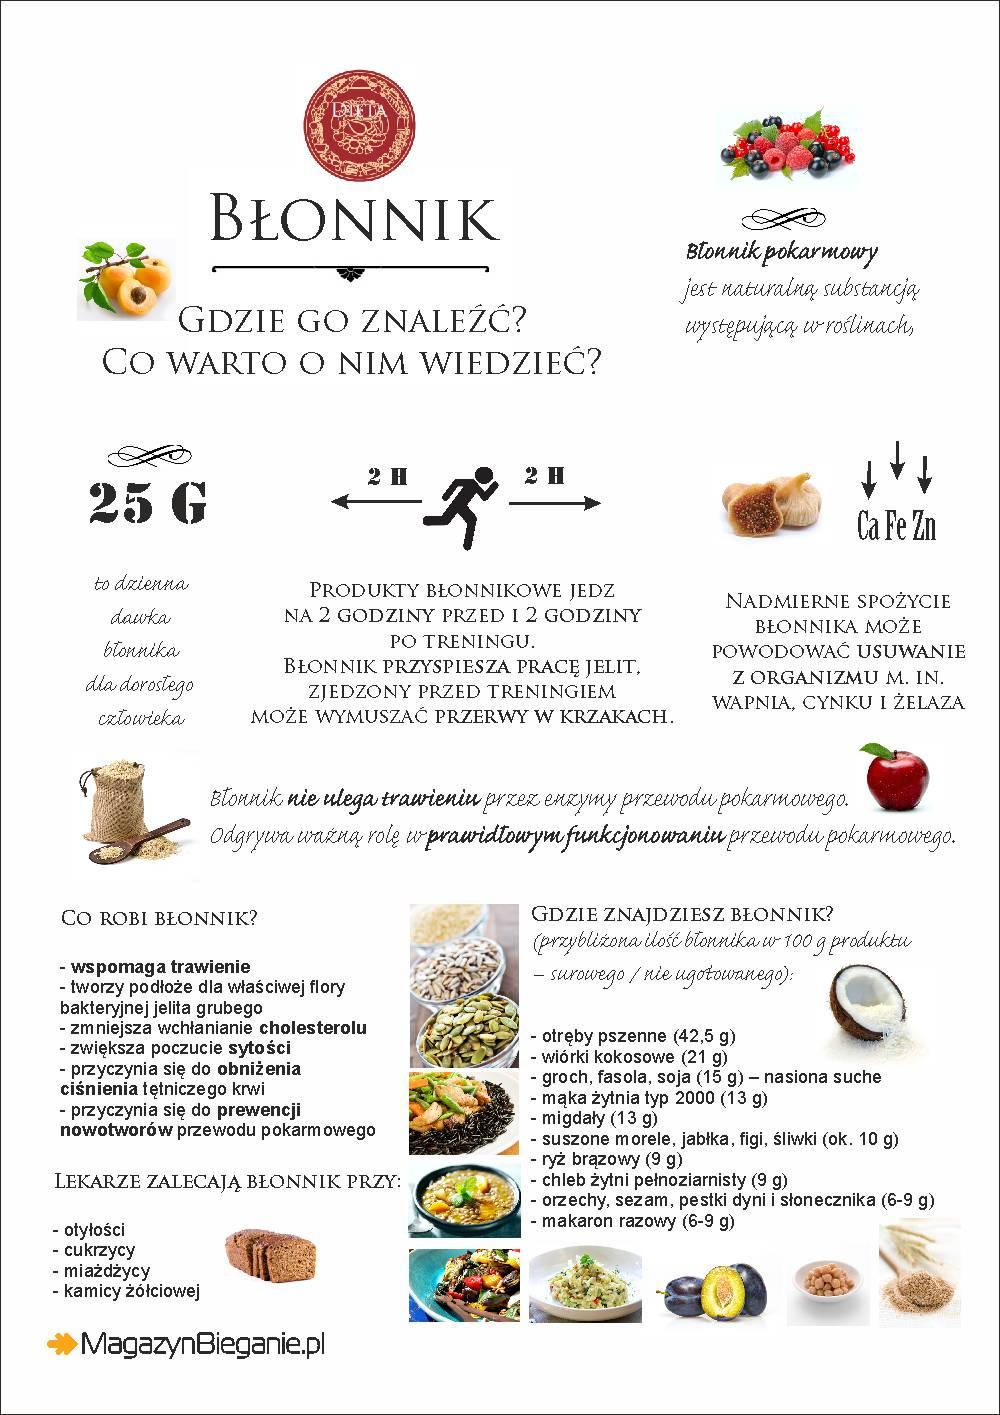 Błonnik w diecie biegacza. Rys. Magda Ostrowska-Dołęgowska